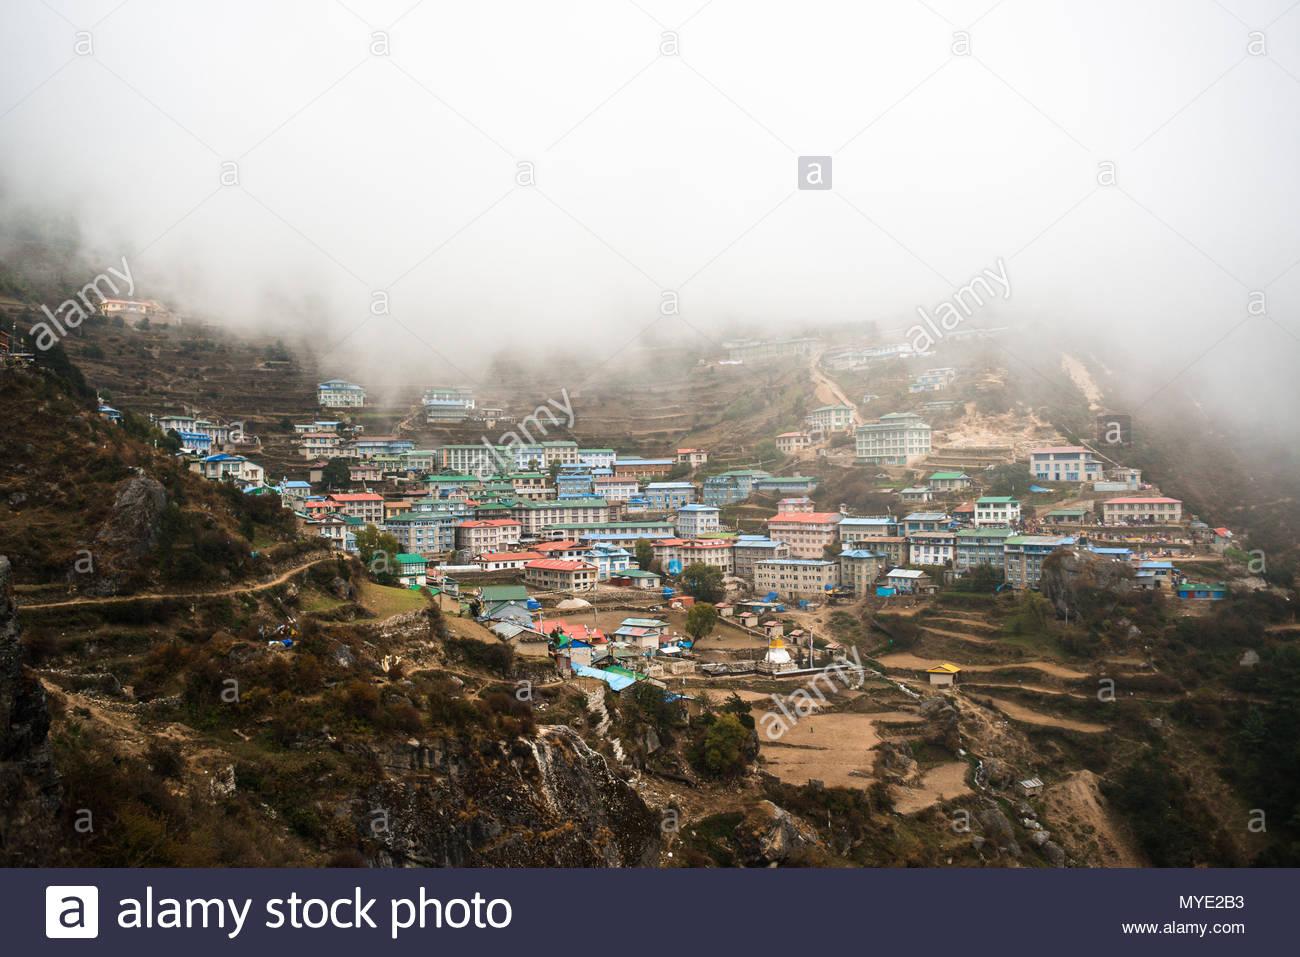 Namche Bazaar, shrouded in fog. - Stock Image